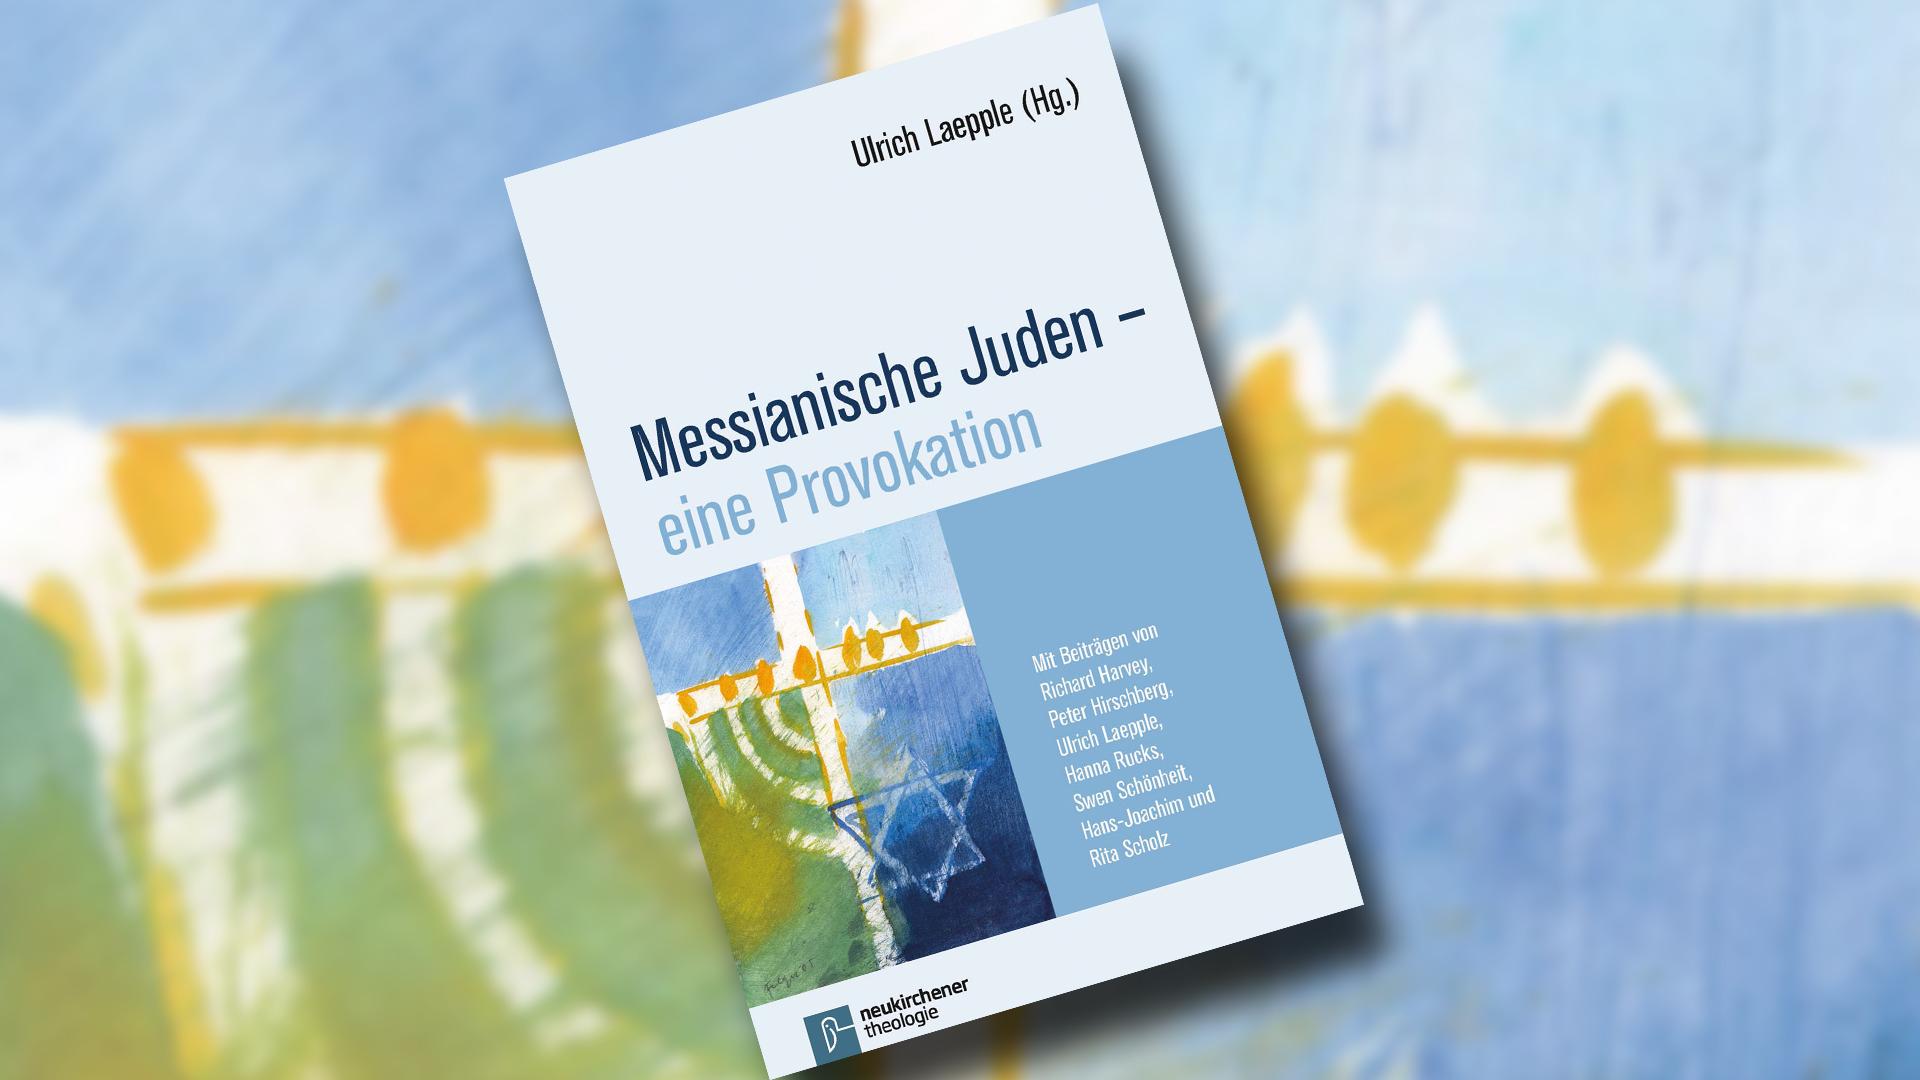 Das neue Buch gibt Aufschluss über das problematische Verhältnis der Kirche zu den messianischen Juden